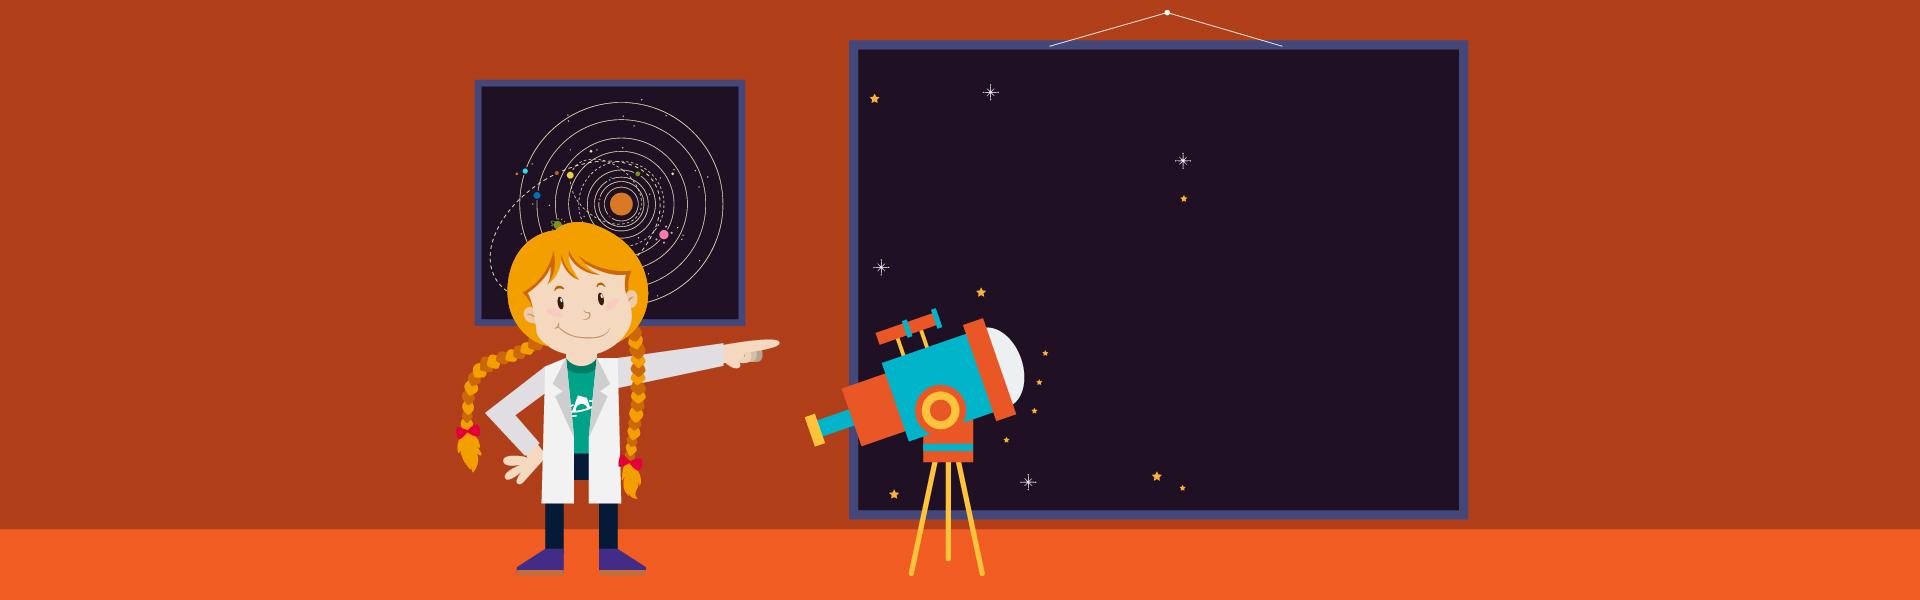 curso-astronomia-verano2018-bckg-02